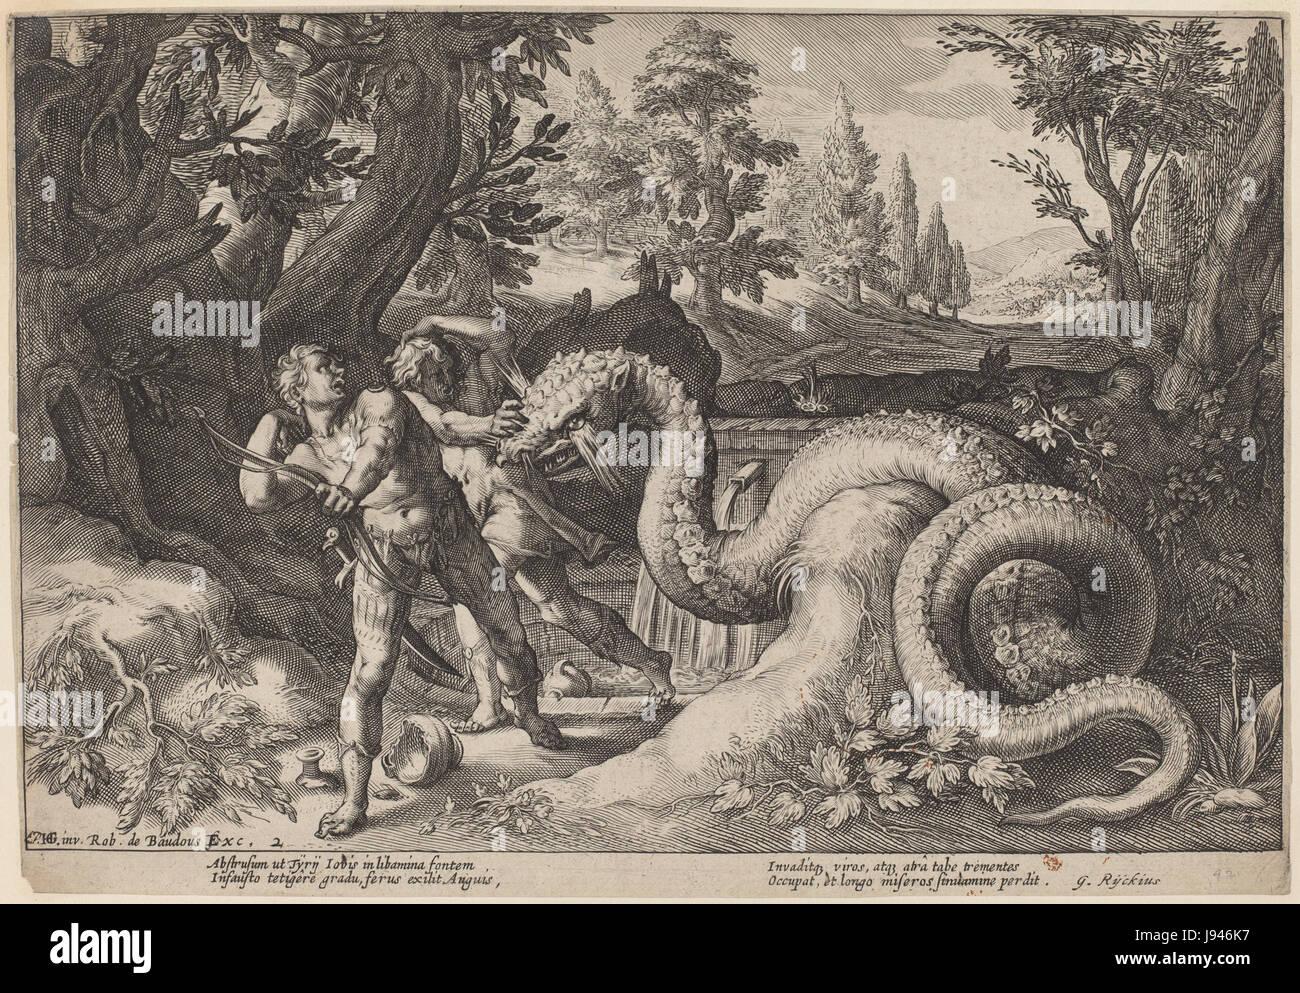 1600ca. Ovid's Metamorphoses   etching   Washington DC, NGA - Stock Image